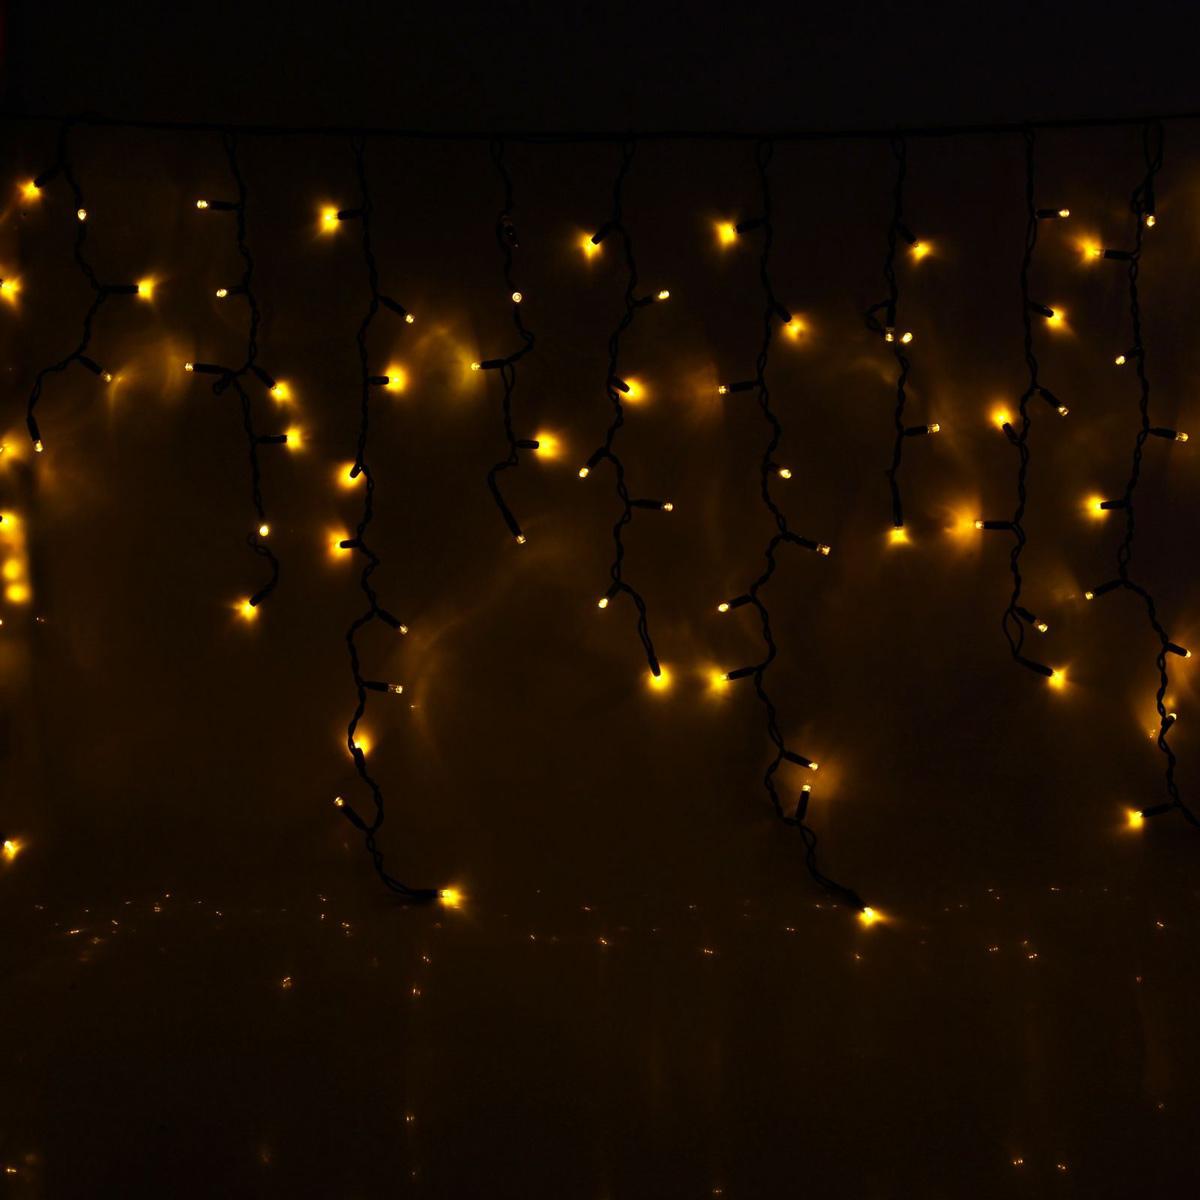 Гирлянда светодиодная Luazon Бахрома, уличная, 330 ламп, 220 V, цвет: желтый, 5,6 х 0,9 м. 10806581080658Светодиодные гирлянды, ленты и т.д — это отличный вариант для новогоднего оформления интерьера или фасада. С их помощью помещение любого размера можно превратить в праздничный зал, а внешние элементы зданий, украшенные ими, мгновенно станут напоминать очертания сказочного дворца. Такие украшения создают ауру предвкушения чуда. Деревья, фасады, витрины, окна и арки будто специально созданы, чтобы вы украсили их светящимися нитями.